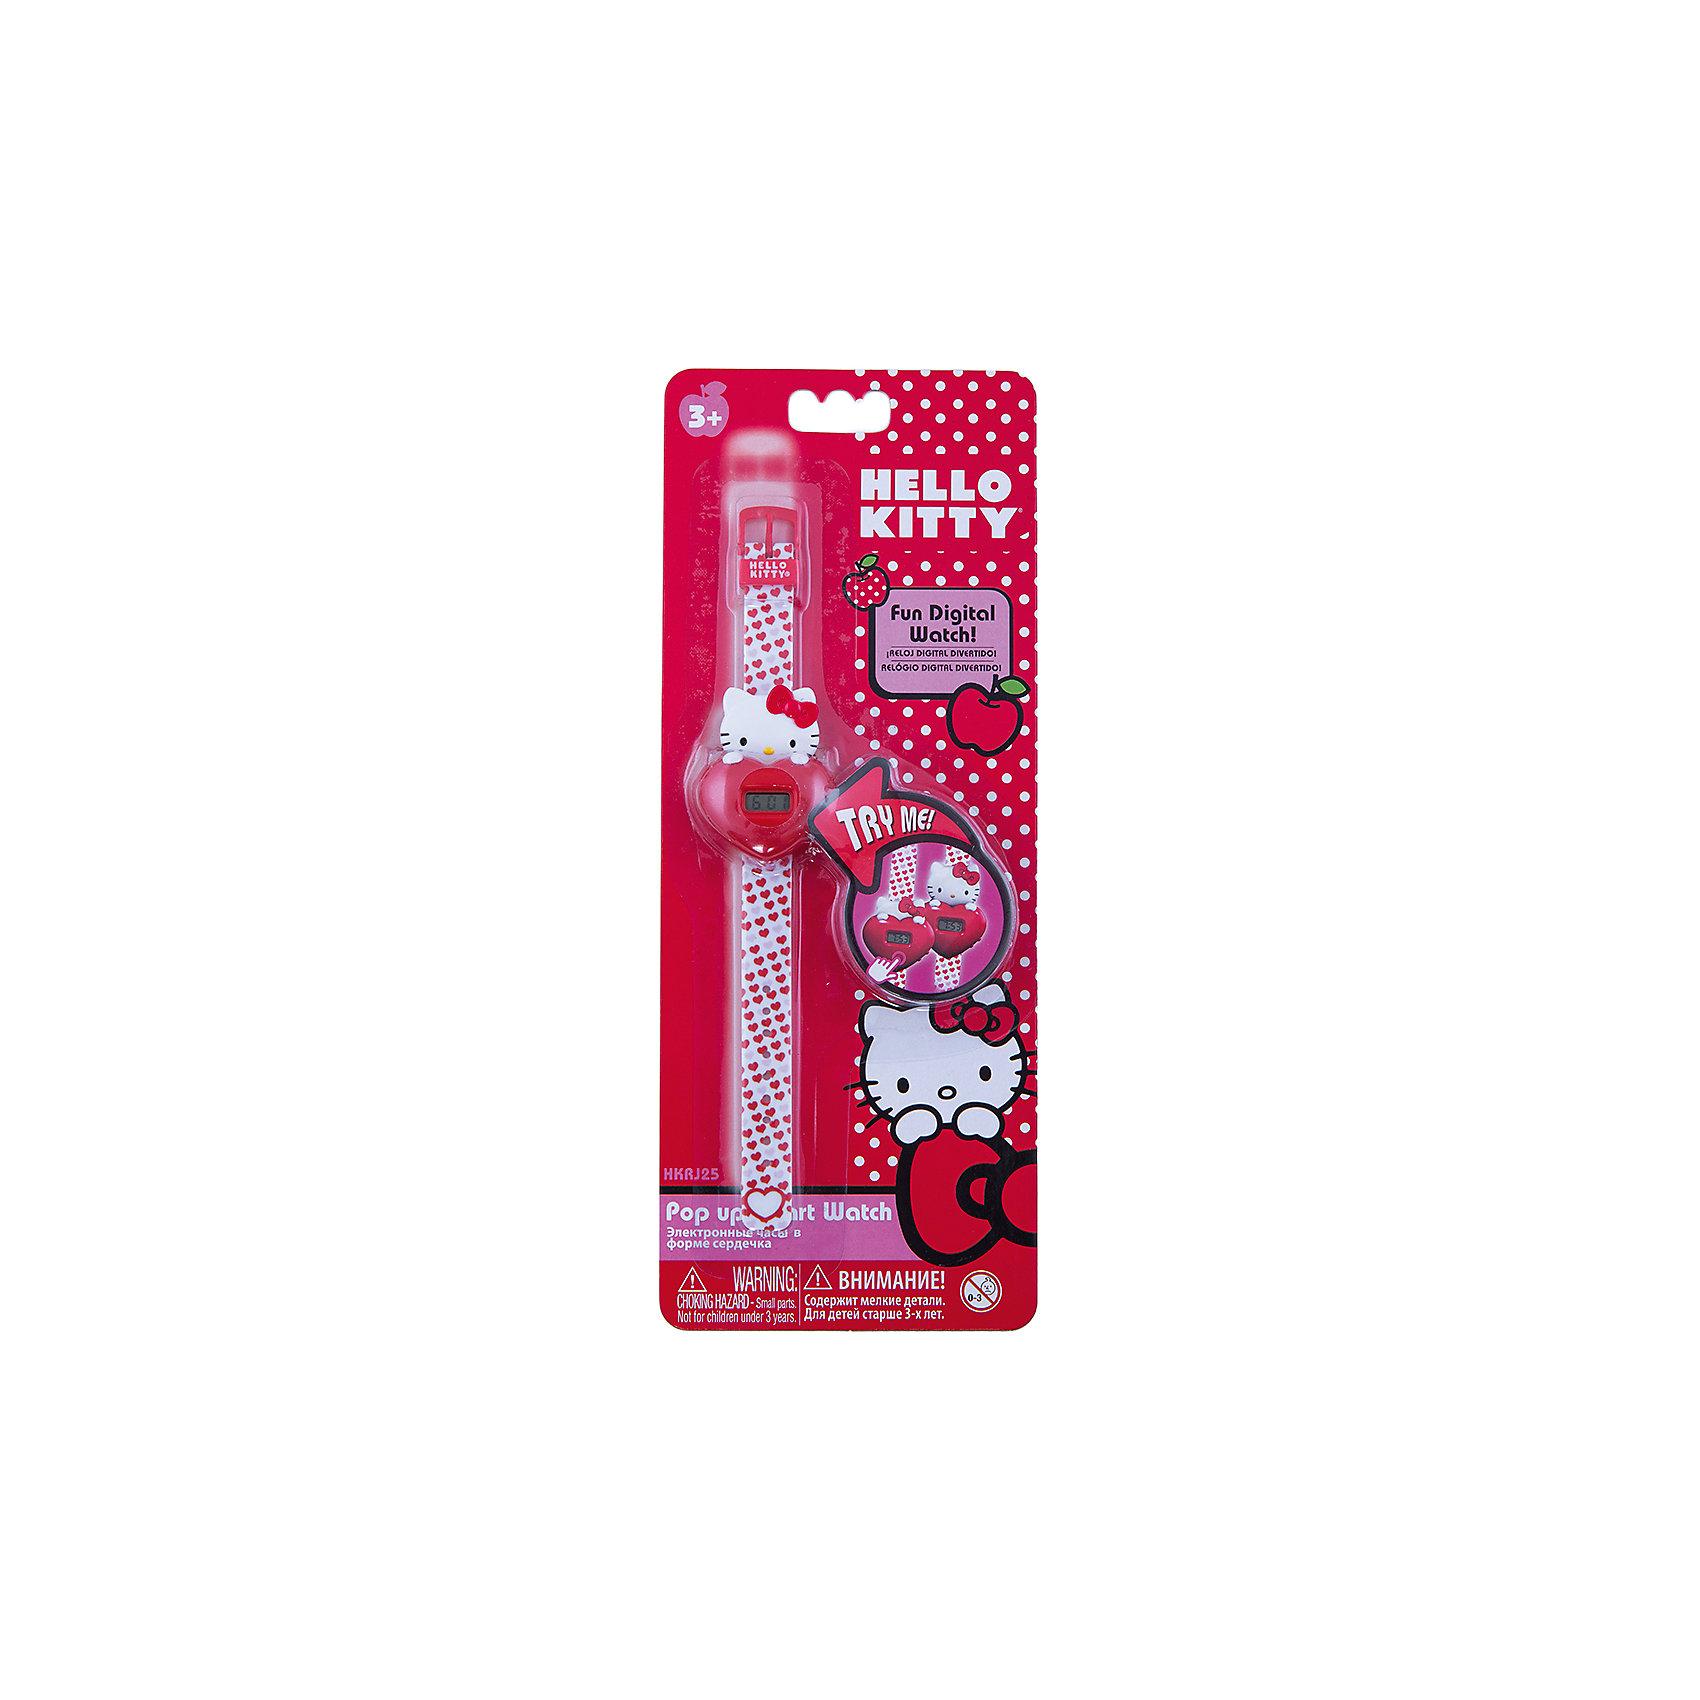 Часы наручные электронные в форме сердца, Hello KittyАксессуары<br>Яркие и красивые электронные наручные часы с корпусом и браслетом из пластика. Циферблат защищен от повреждений прочным пластиковым стеклом. Корпус часов сделан в форме очаровательной Китти с красным сердцем. Ремешок нежно-розового цвета украшен множеством сердечек.Электронные часы имеют 5 функций: месяц – день, часы – минуты – секунды. Товар изготовлен полностью из пластмассы с питанием от химических источников тока, 1 сменный элемент включен в комплект (LR41 (AG3) 1.5 V). . Рекомендуемый возраст: от 3 лет.Размер изделия (без упаковки): 4х2х21 см (ДШВ)<br><br>Ширина мм: 170<br>Глубина мм: 157<br>Высота мм: 67<br>Вес г: 117<br>Возраст от месяцев: 36<br>Возраст до месяцев: 2147483647<br>Пол: Женский<br>Возраст: Детский<br>SKU: 4424074